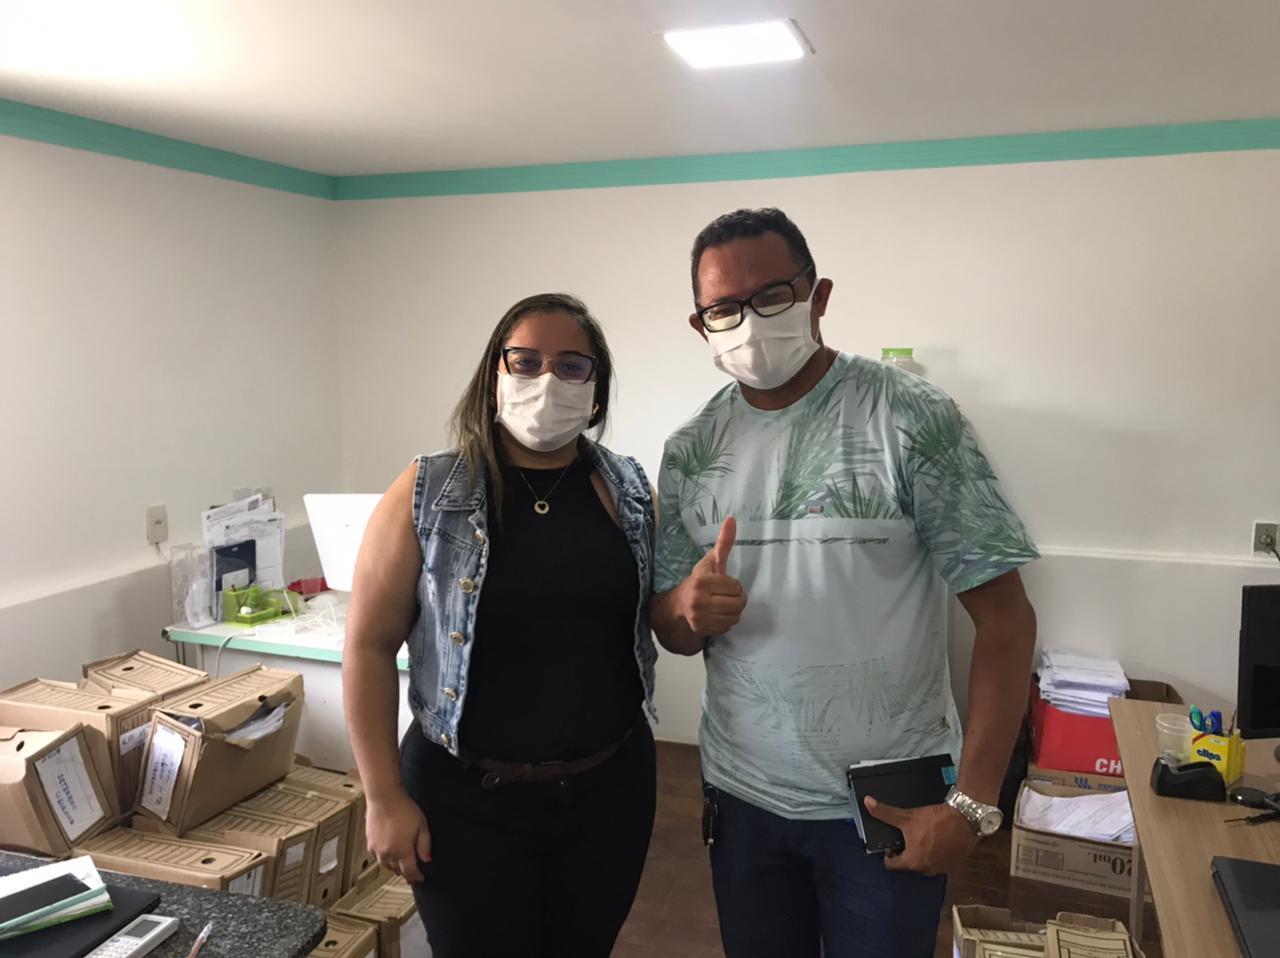 O Diretor do Hospital Eduardo Gomes Brito, em Santanópolis, Valério Ribeiro, participou nesta quarta-feira (14/4) de uma reunião com a direção do Hospital Ângelo Martins (Coração de Maria) para viabilizar serviços para a população.